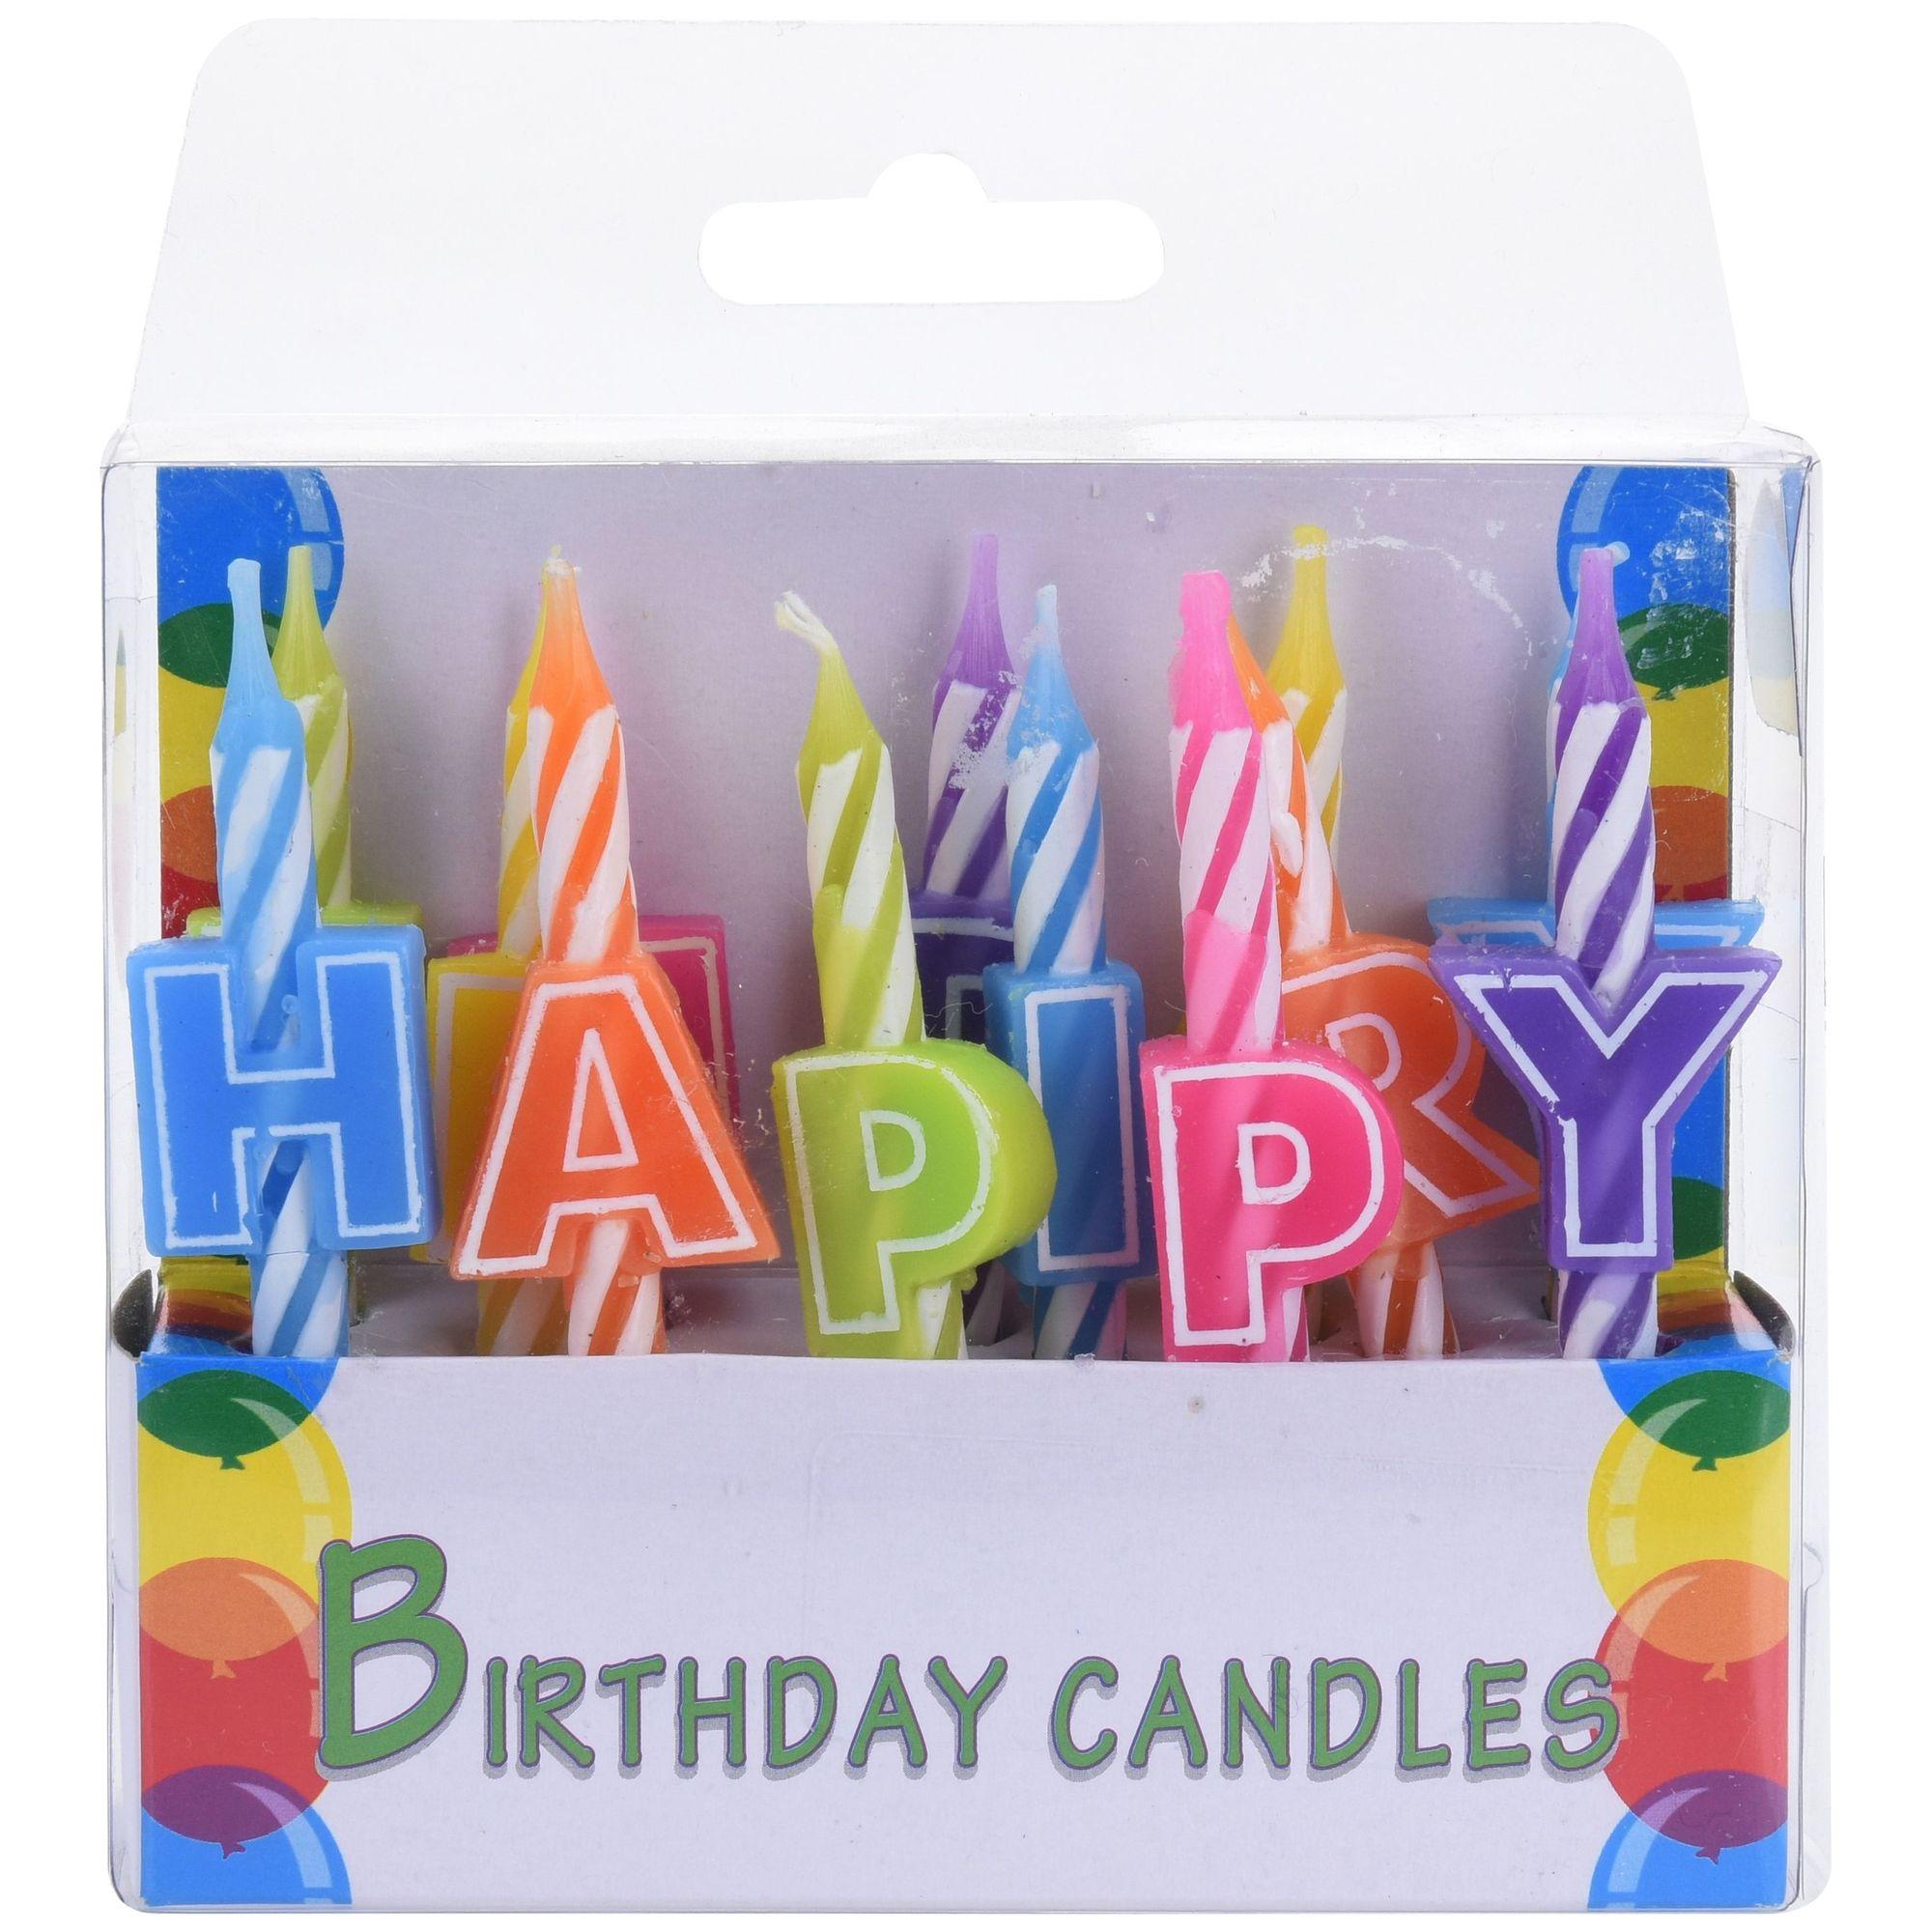 Набор свечей праздничных 13 шт.Набор праздничных свечей известного бренда Excellent Houseware предназначается для украшения праздничного стола по случаю дня рождения ребенка или взрослого. В комплект входит 13 длинных разноцветных свечей, на каждой из которых прикреплена определенная буква. Если расположить их в правильной последовательности, тогда торт, пирожное или капкейк будет украшать надпись Happy Birthday. Благодаря держателям свечи надежно и прочно фиксируются в основе, не заваливаются и не выпадают.Продукция изготовлена из натурального и экологически чистого материала, благодаря чему допускается ее контакт с приготовленной пищей. Также свечи абсолютно безопасны для здоровья ребенка и окружающей среды.<br>